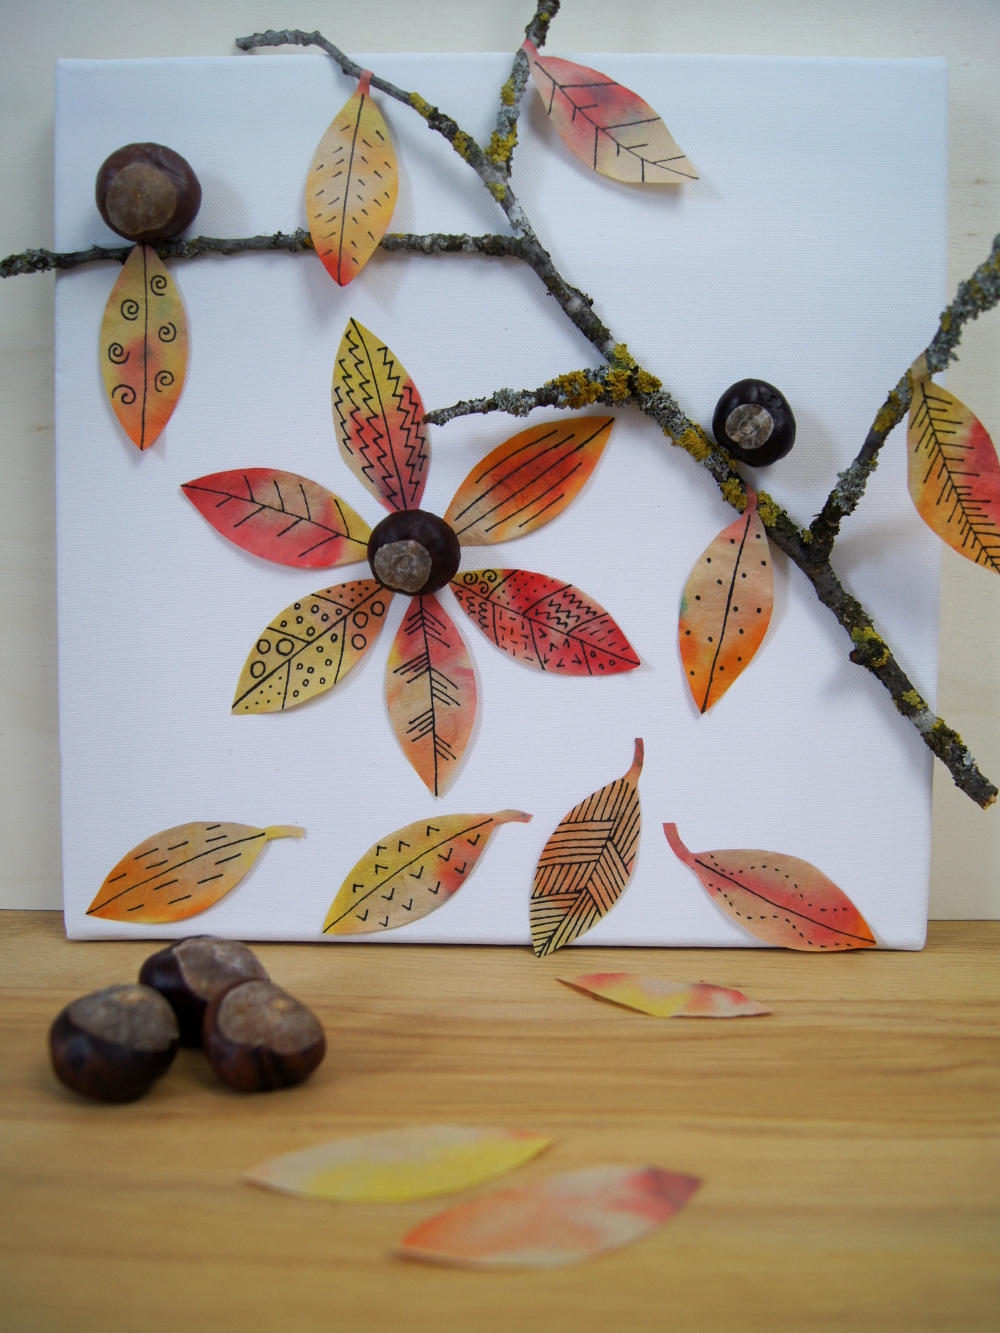 Basteln und Experimentieren mit Kindern im Herbst: Gestalte ein Bild mit bunten #Herbstblättern und #Naturmaterialien | von Fantasiewerk